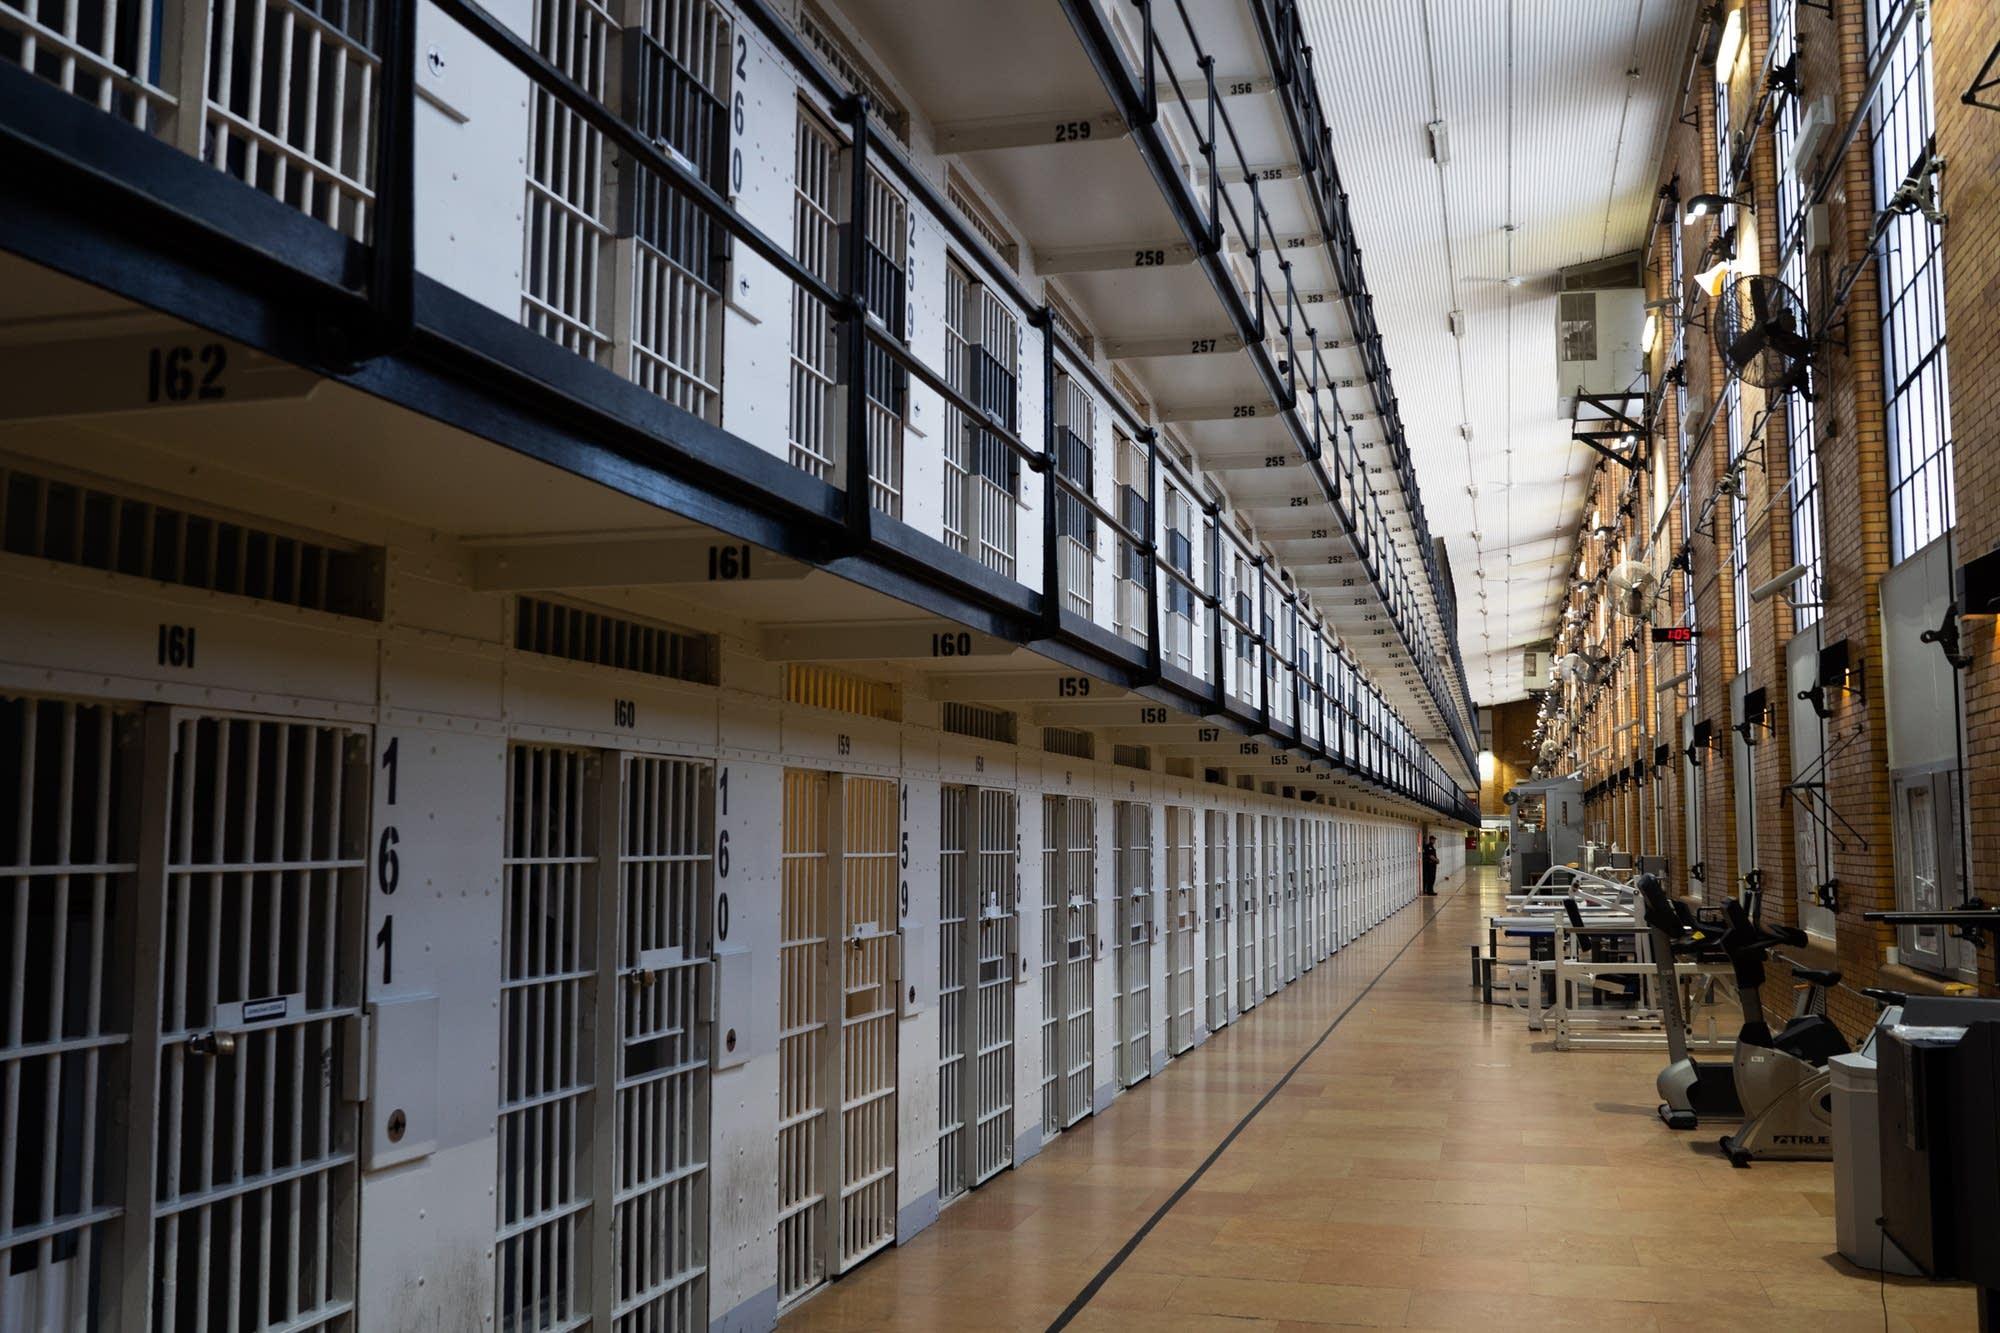 Hasil gambar untuk prison